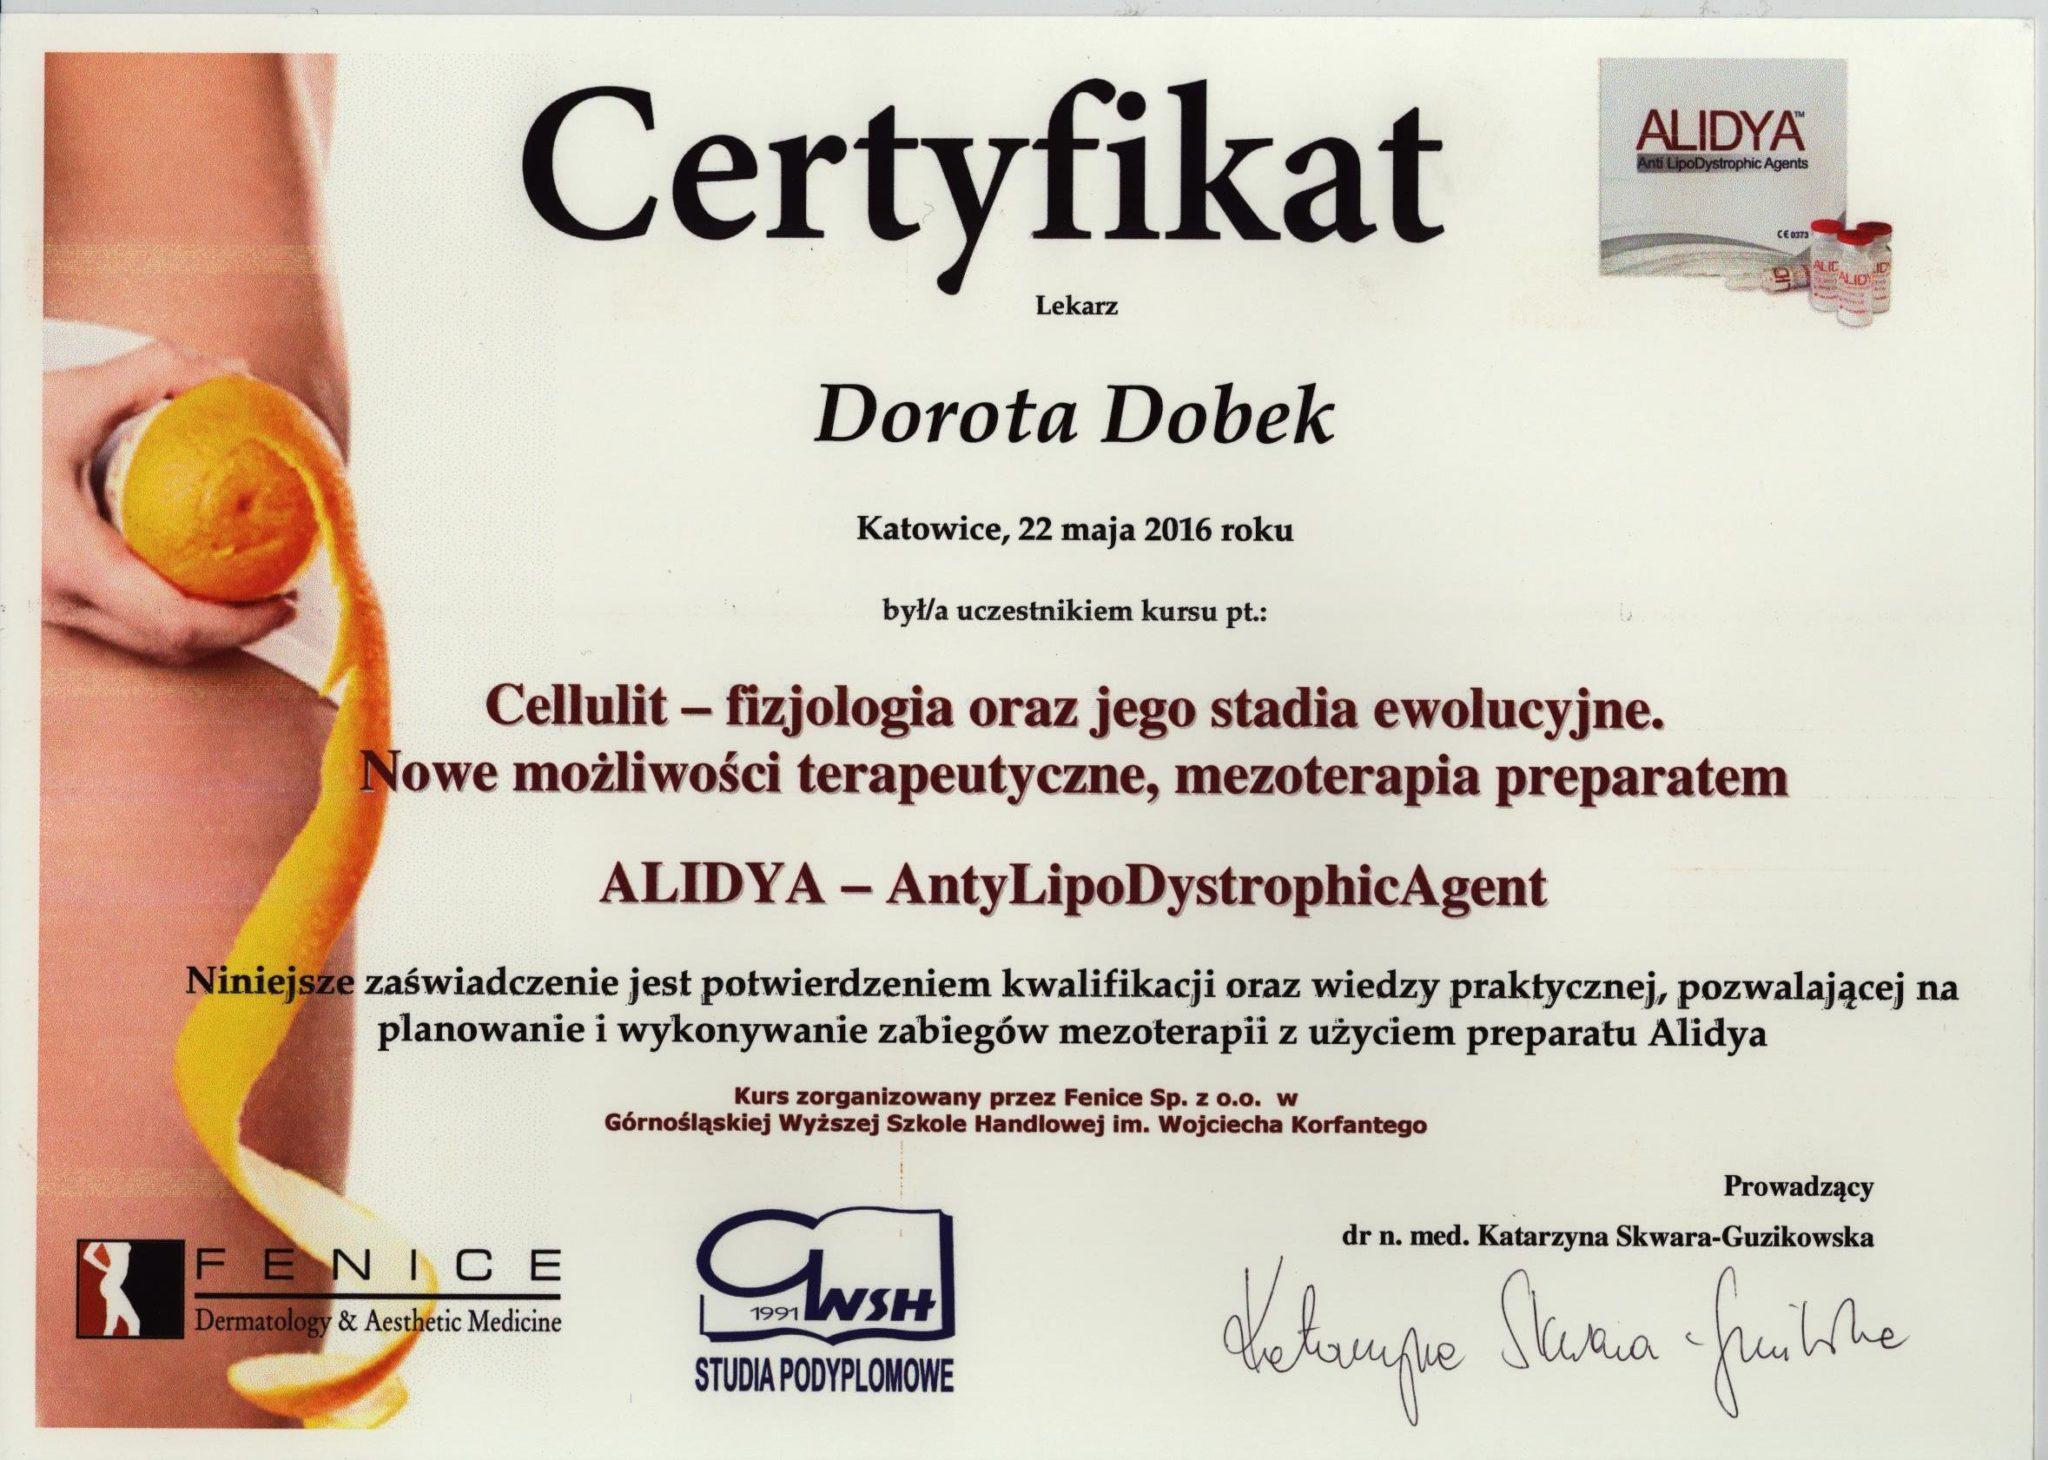 callulit, medycyna estetyczna, certyfikat - Dorota Dobek